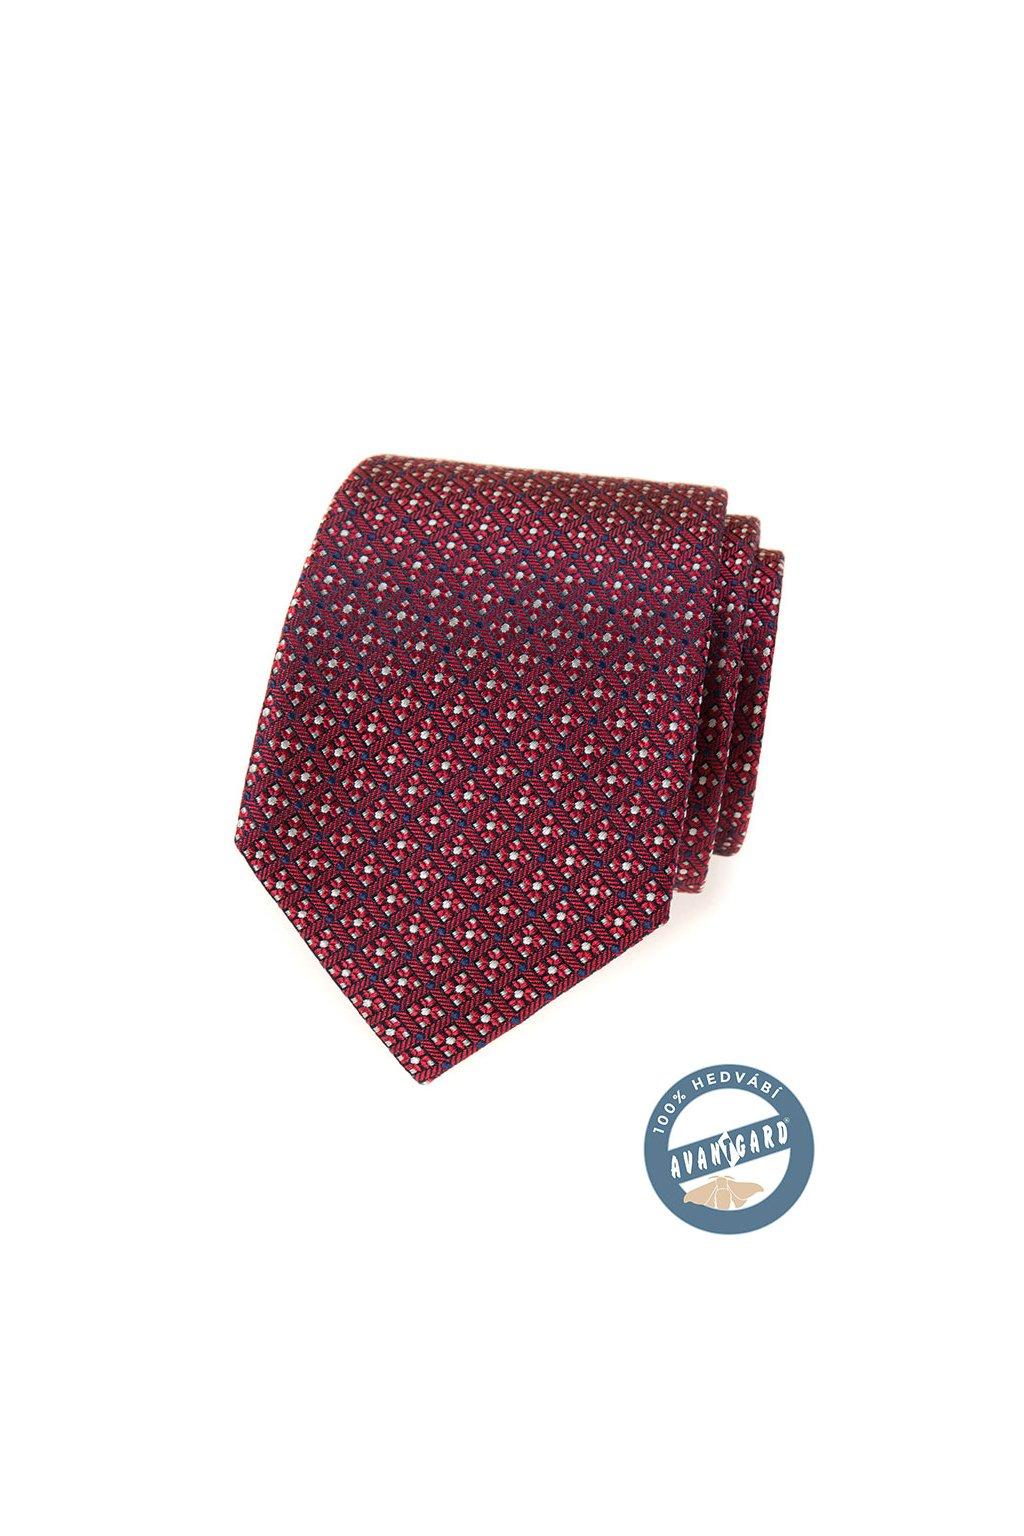 Červená hedvábná kravata se vzorem 621 - 7734